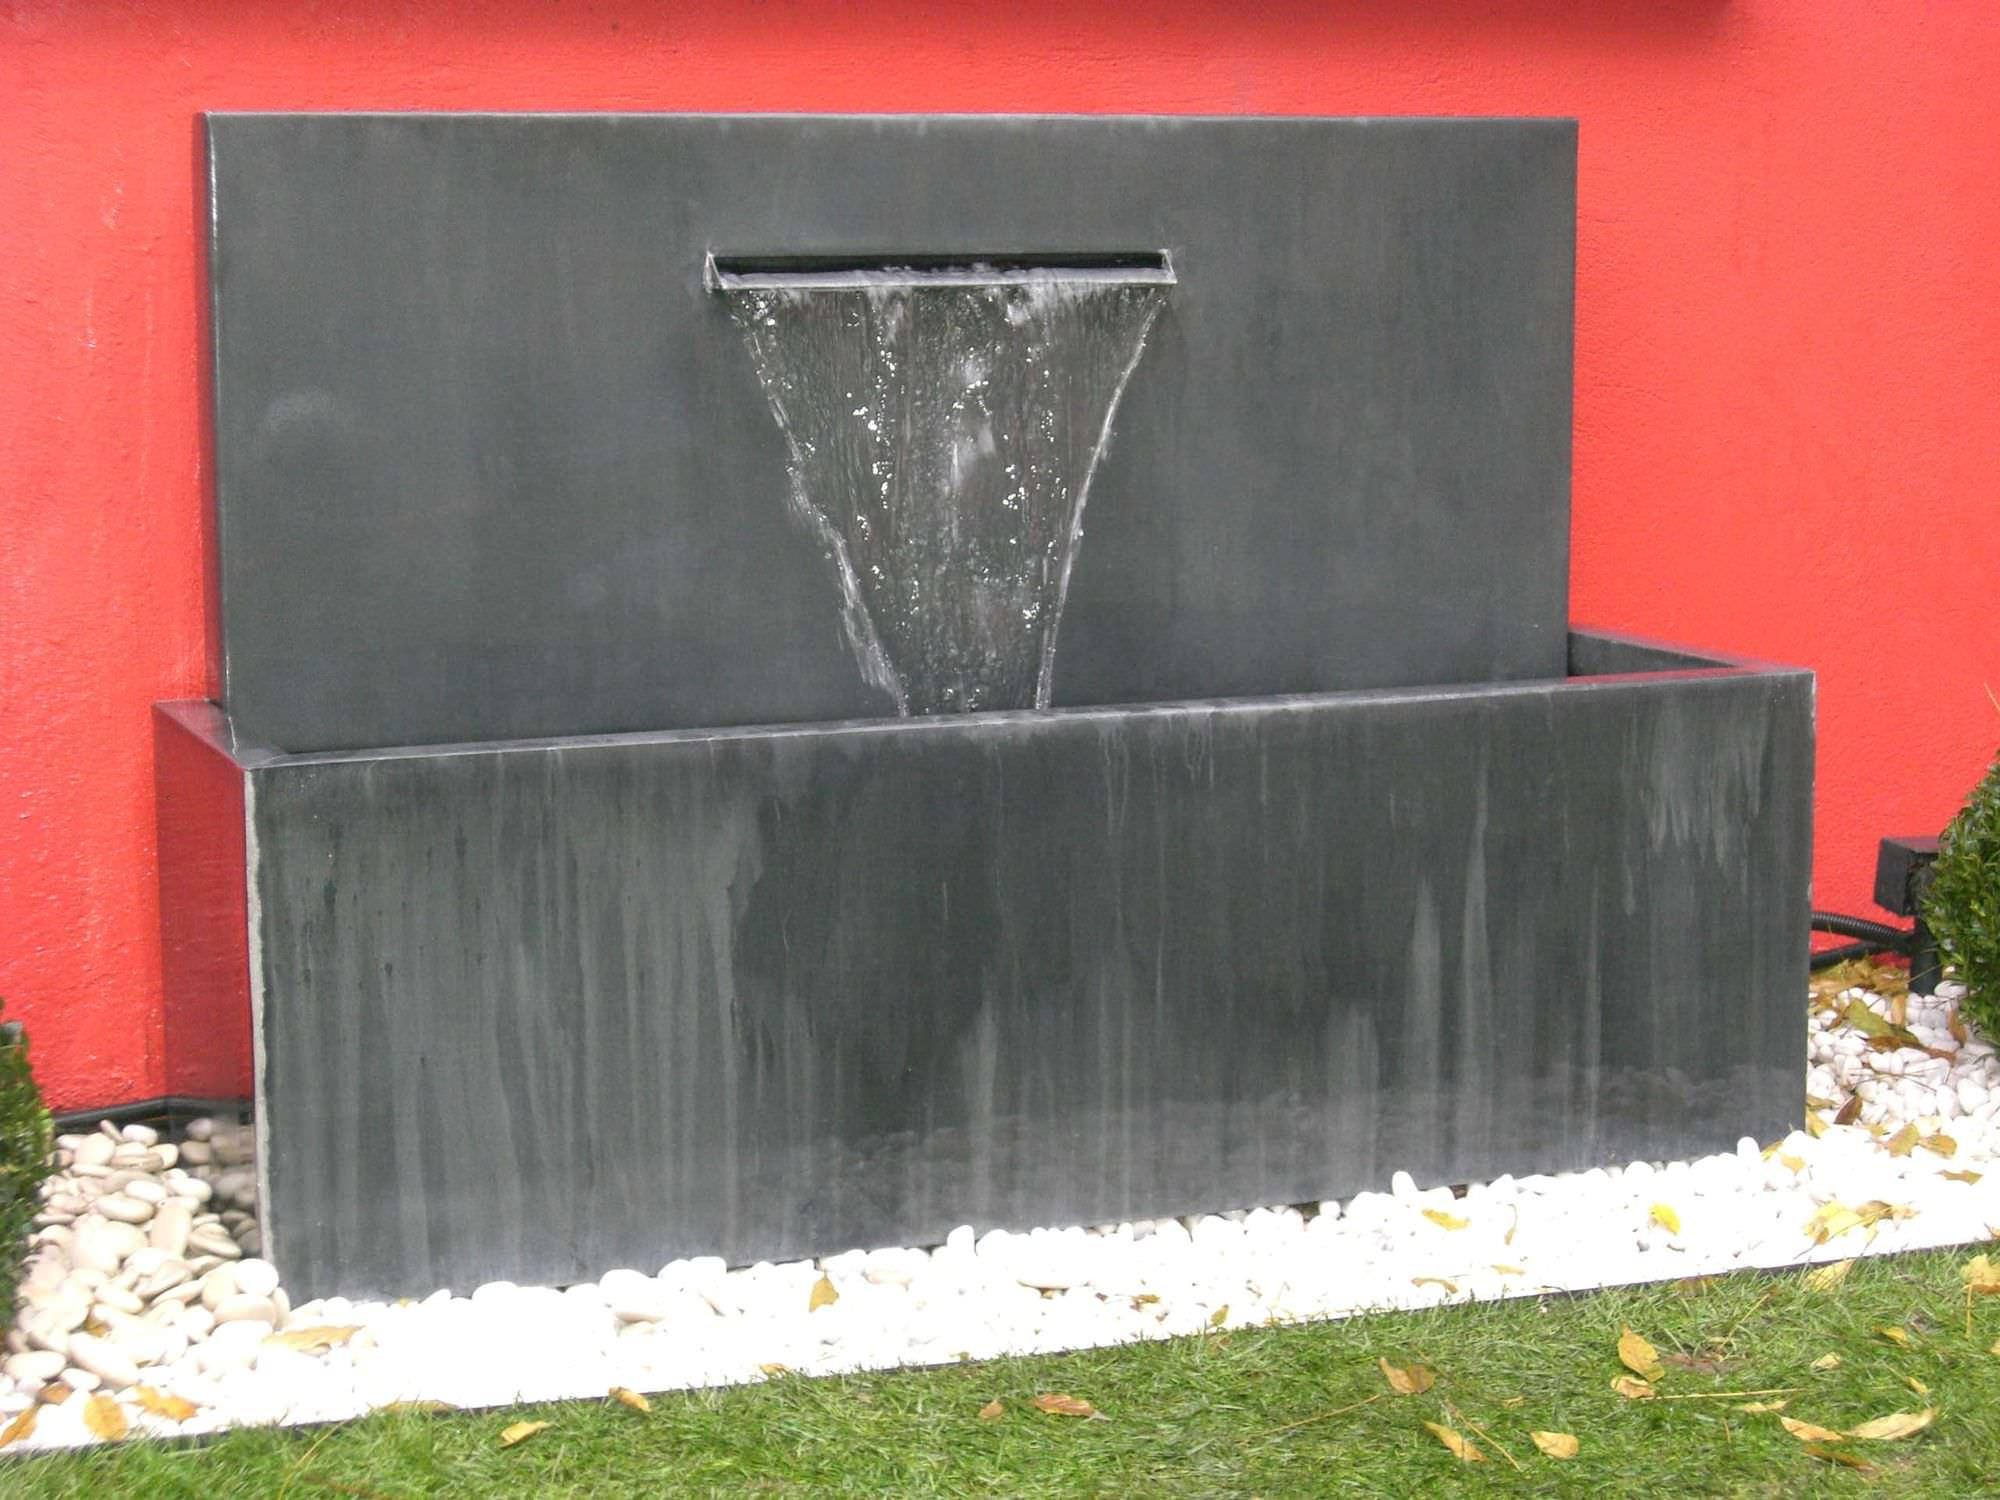 Installer Une Fontaine Dans Son Jardin - Mon Jardin Deco tout Installation Fontaine De Jardin